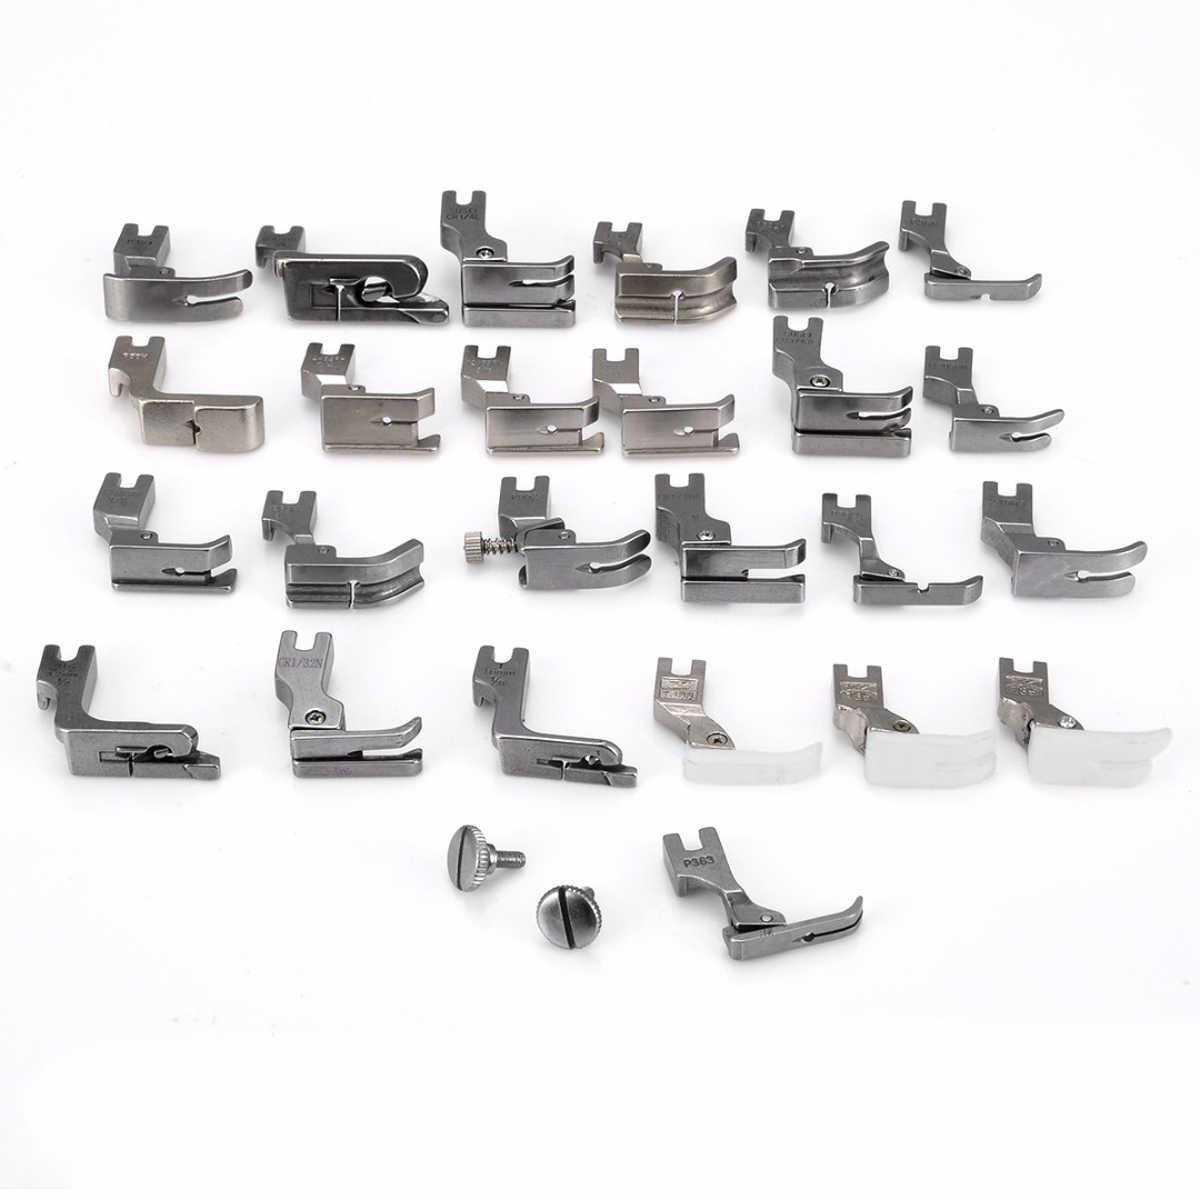 25pcs Mini Presser Foot Feet Set for JUKI DDL-5550 8500 8700 Industrial Sewing Machine Accessories